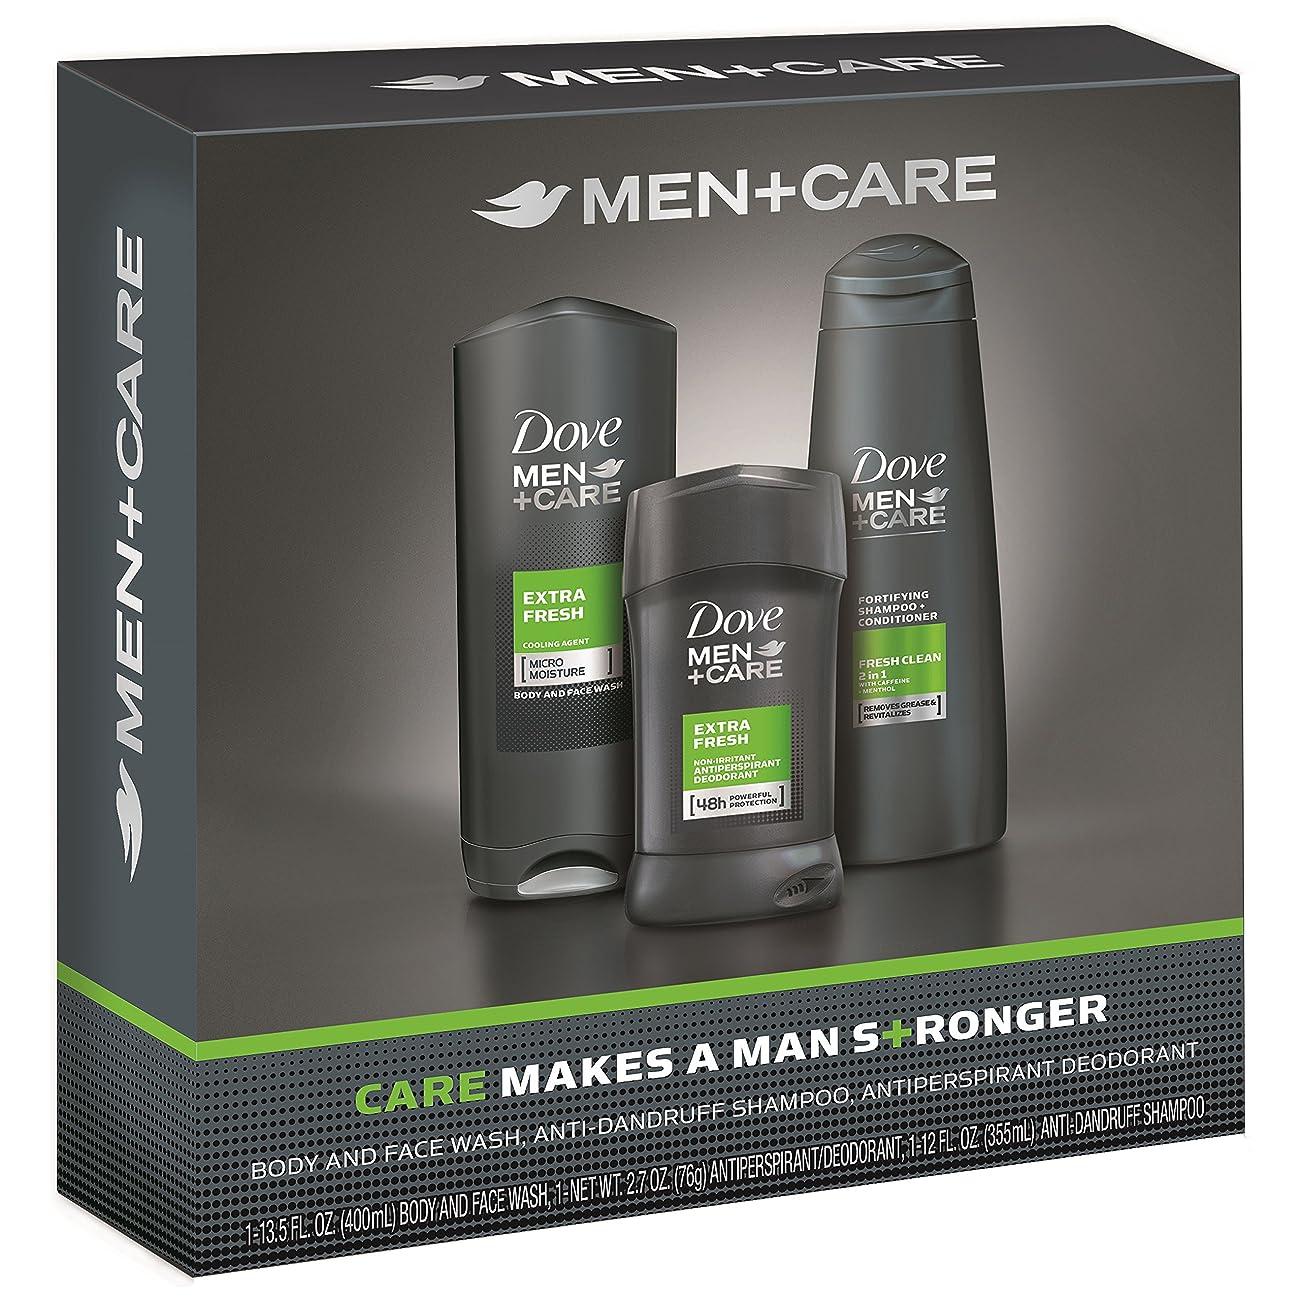 体現するスクラブ鏡Dove Men+Care Gift Pack Extra Fresh ダブ メンプラスケア ギフトパック エクストラフレッシュ